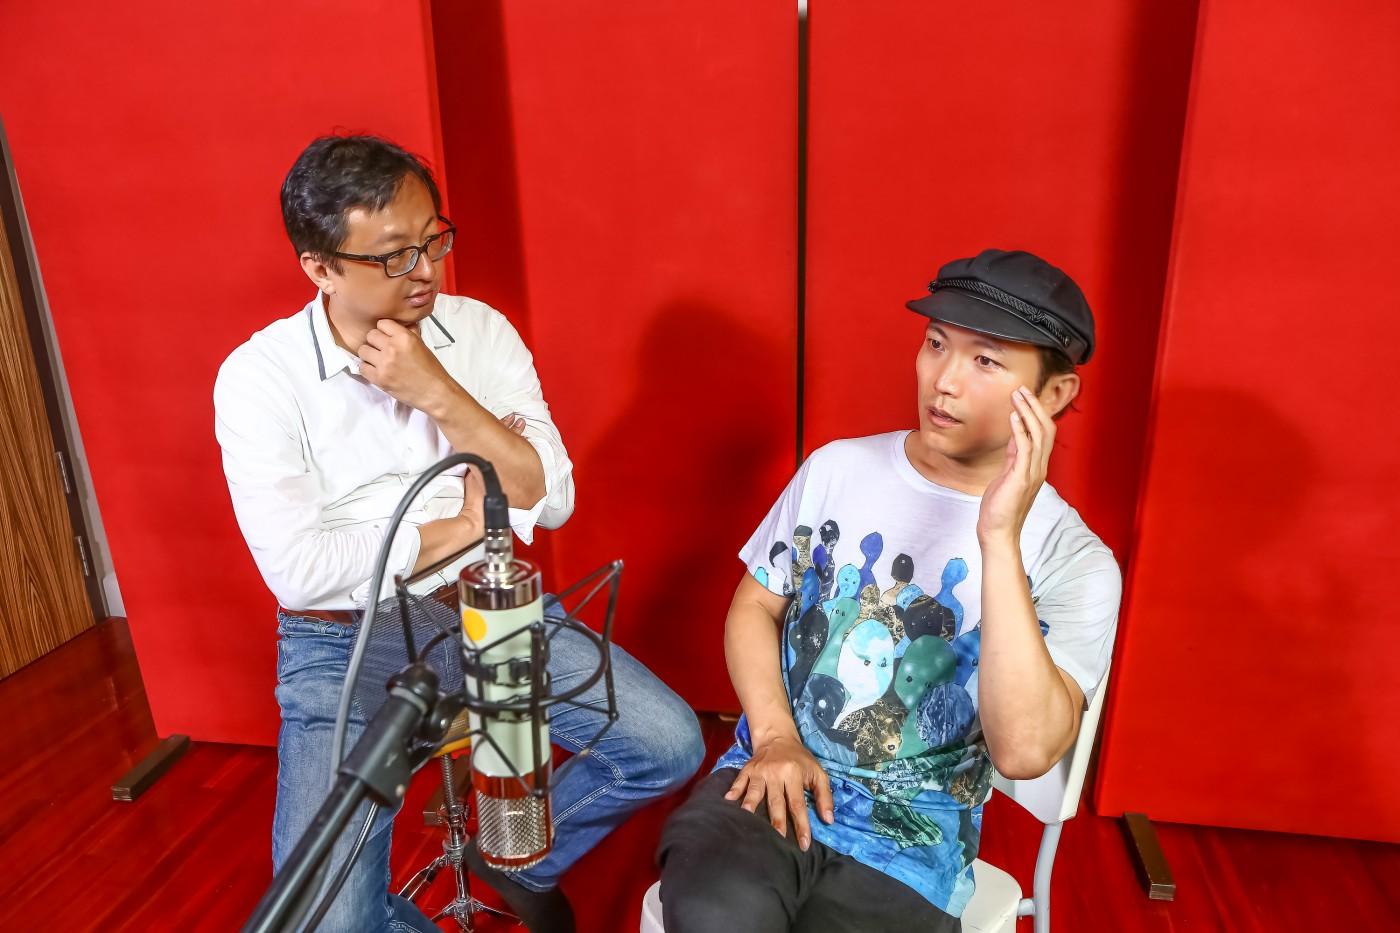 《BNB Air》第九集——吳柏蒼X張鐵志:《誰把音樂變免費》一個原本賣不掉的發明,摧毀了整個產業